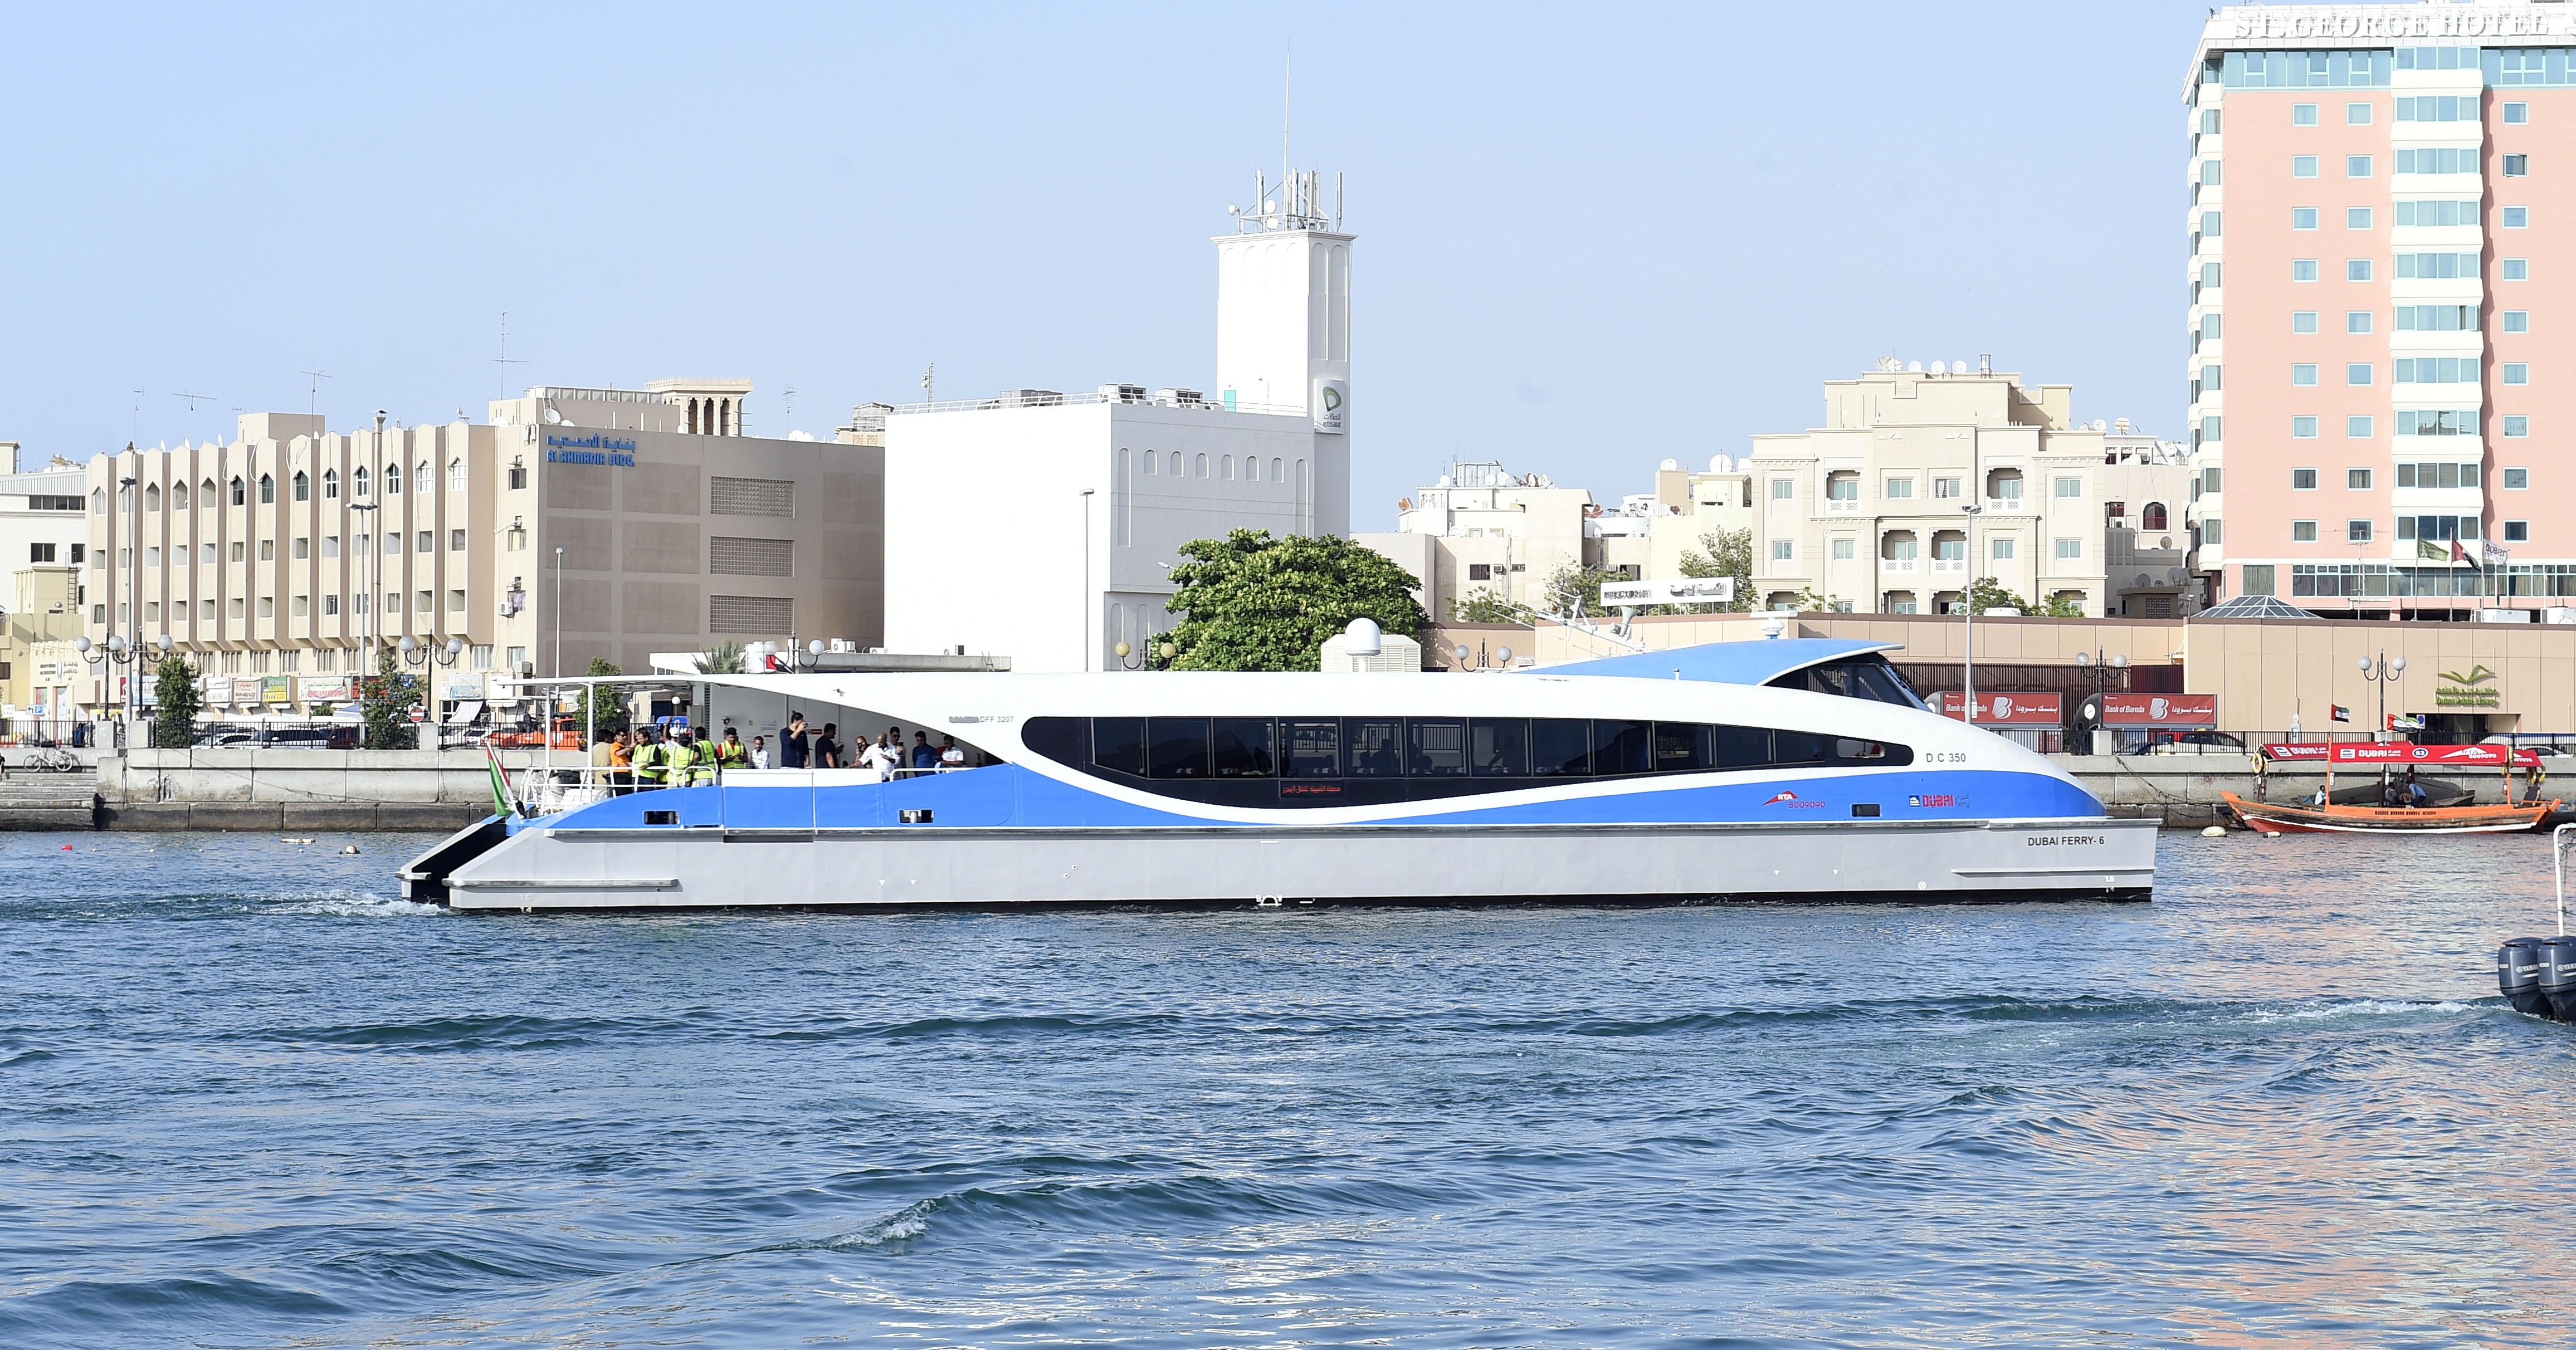 طرق دبي تعلن مواعيد خدماتها خلال عطلة عيد الأضحى المبارك